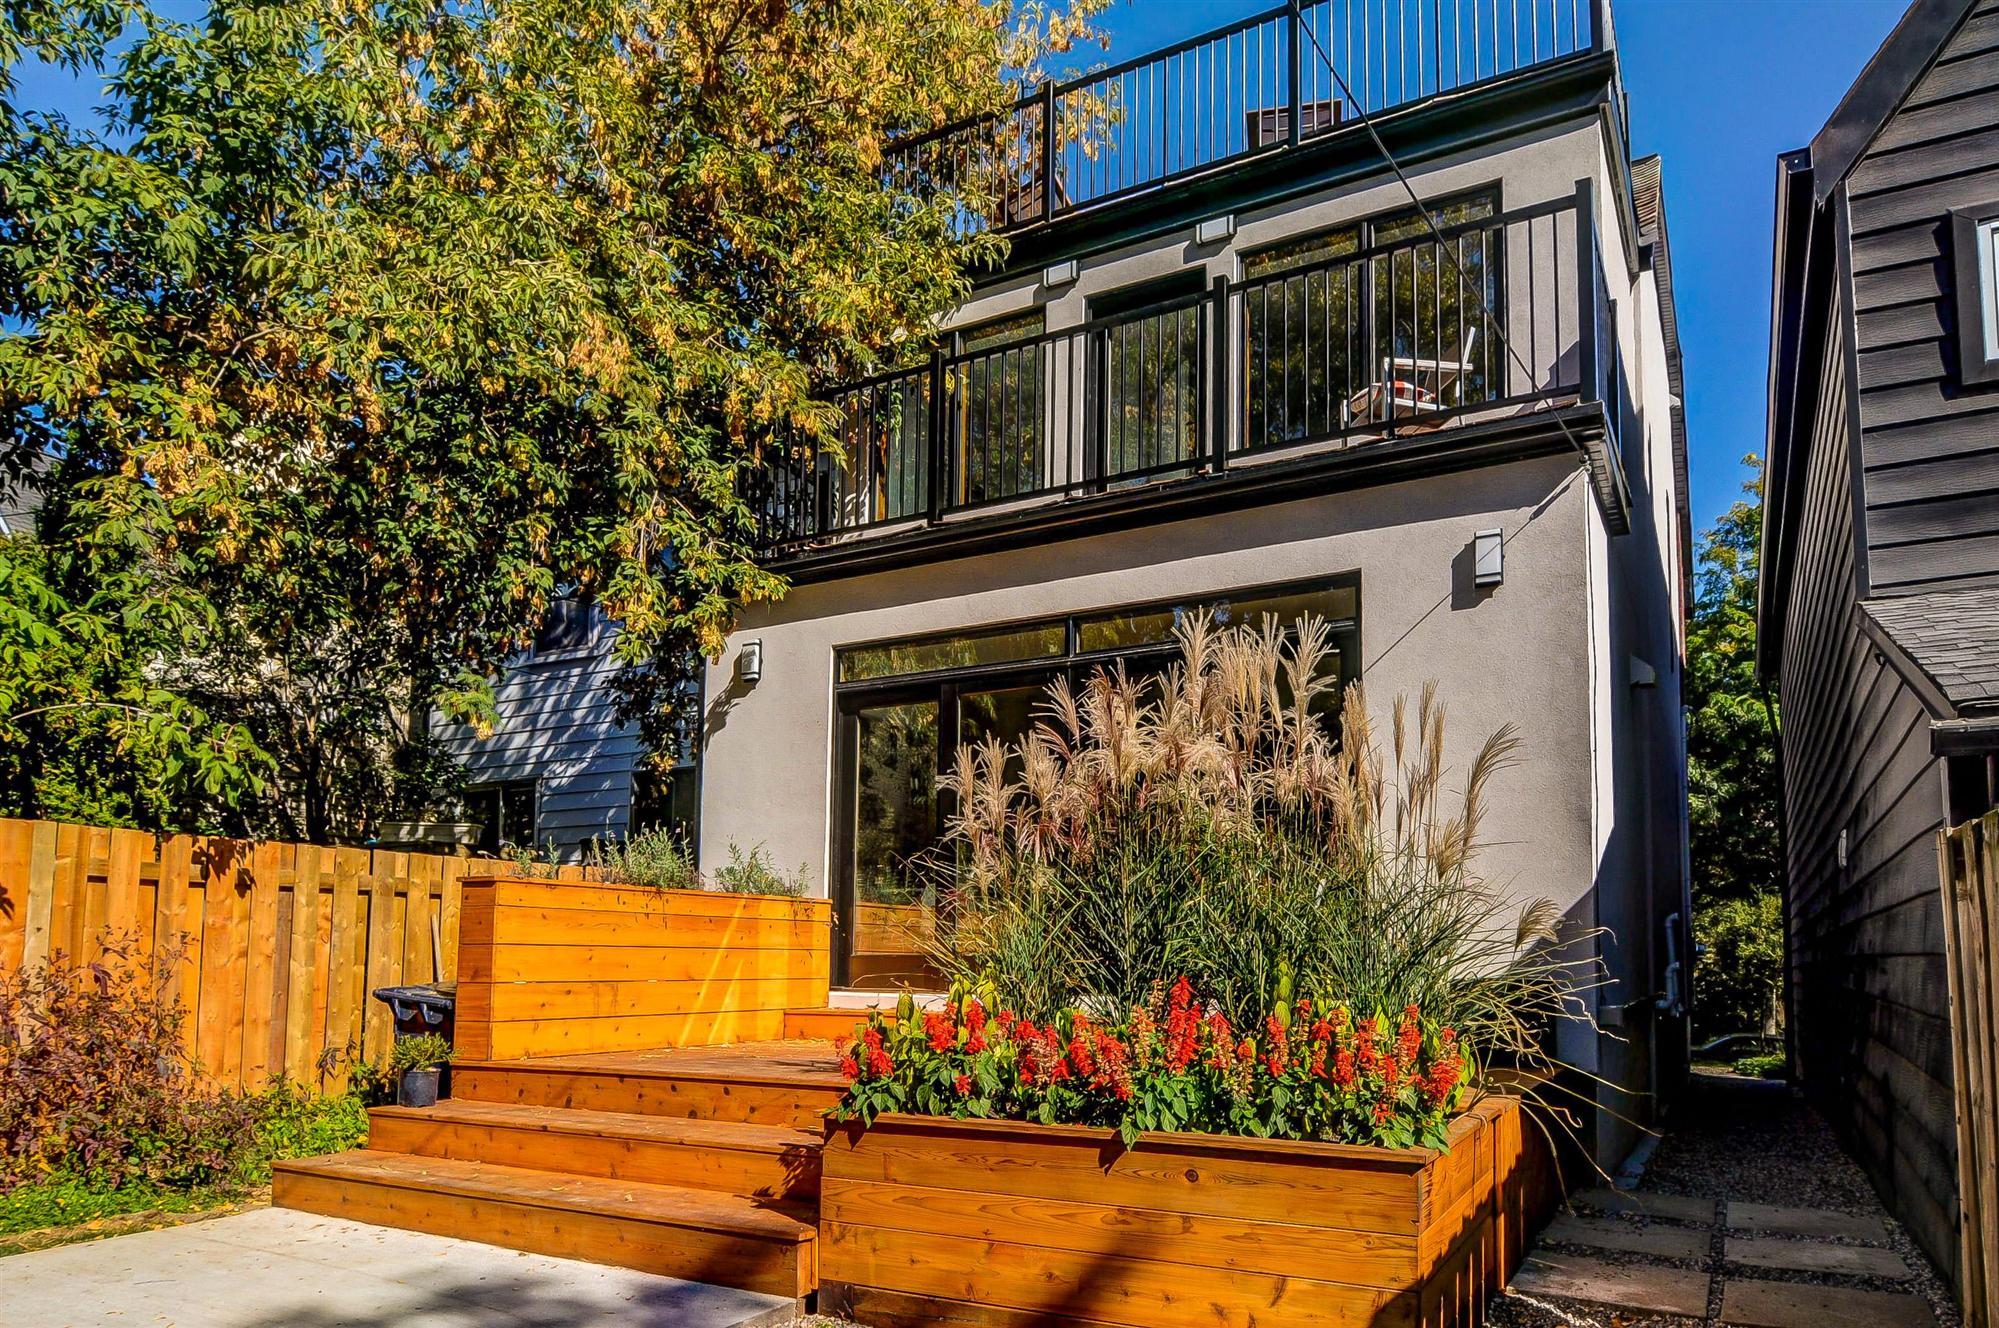 toronto-house-for-sale-32-elmer-avenue-12